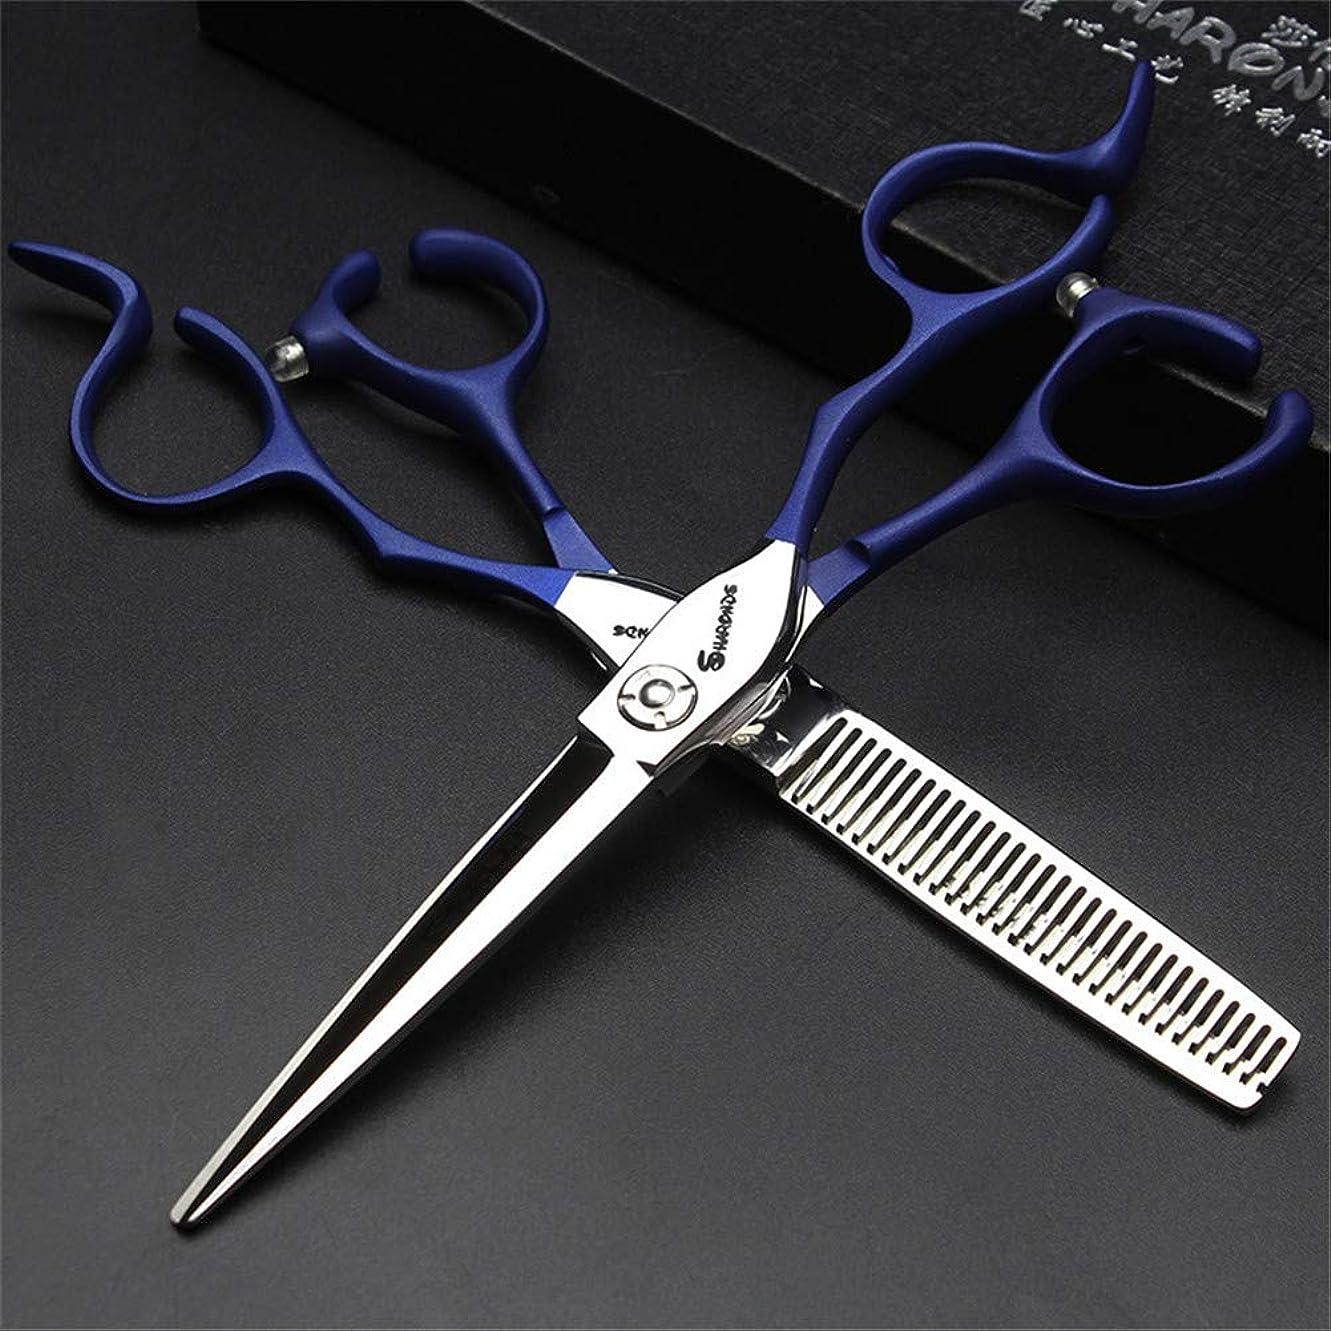 調和のとれた儀式ライフル理髪用はさみセット、6.0インチステンレス鋼理容理髪カットはさみ/はさみと美容師の特別なはさみ